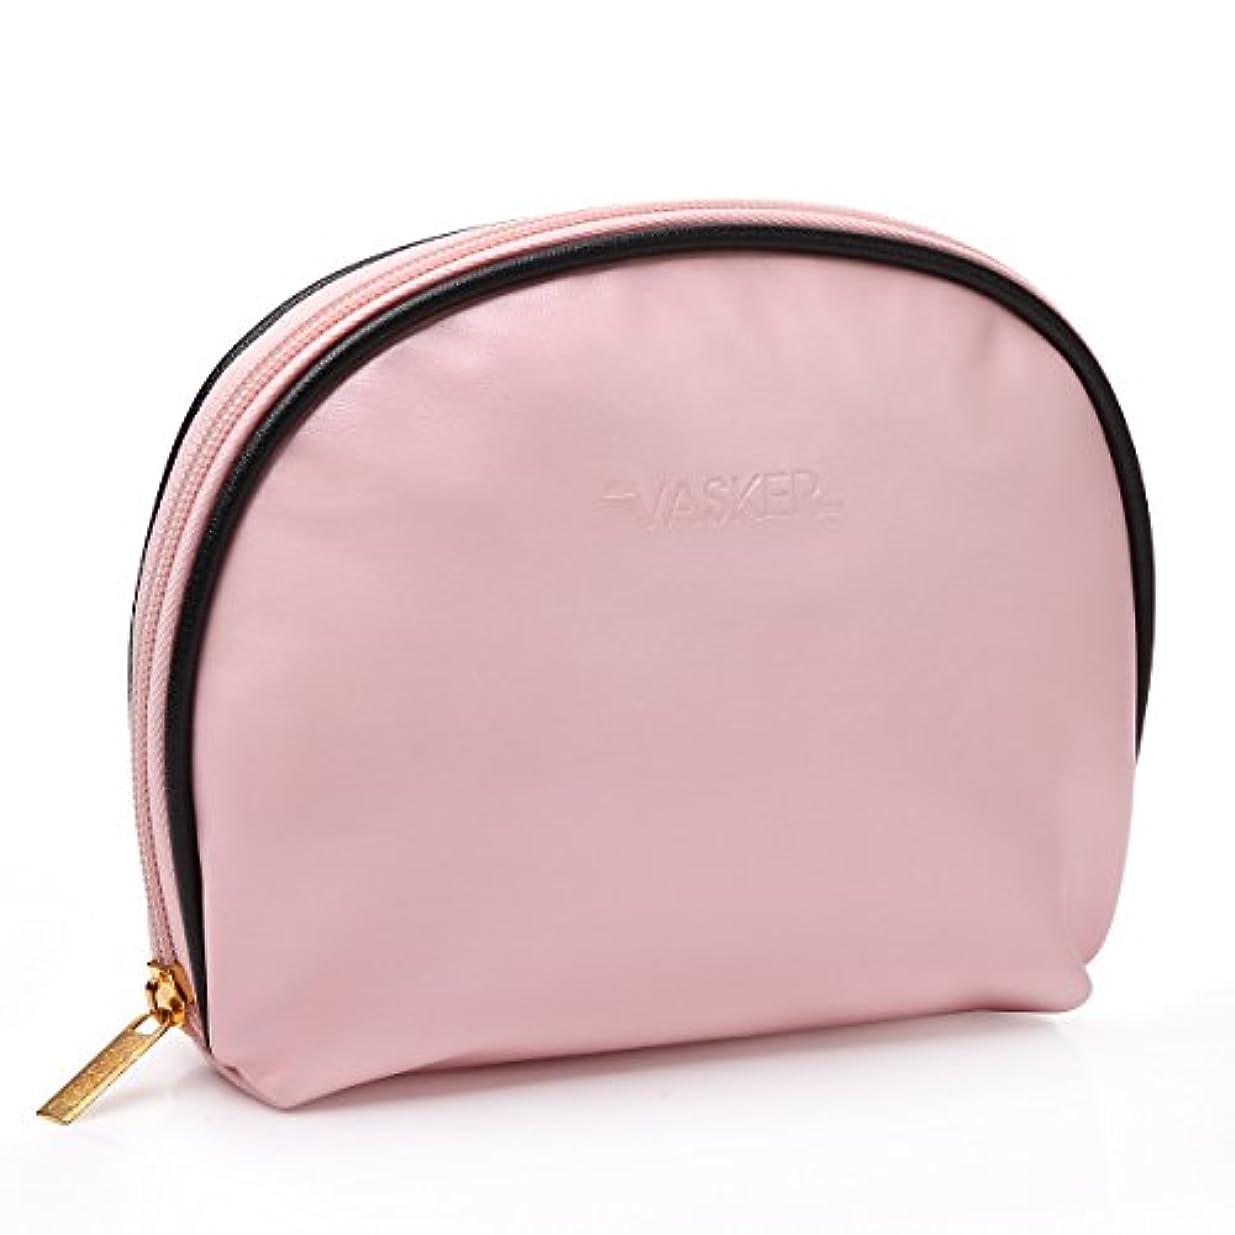 子猫解任検査VASKER メイクアップバッグ 化粧ポーチ 高品質 小物入れ レディース用 ピンク